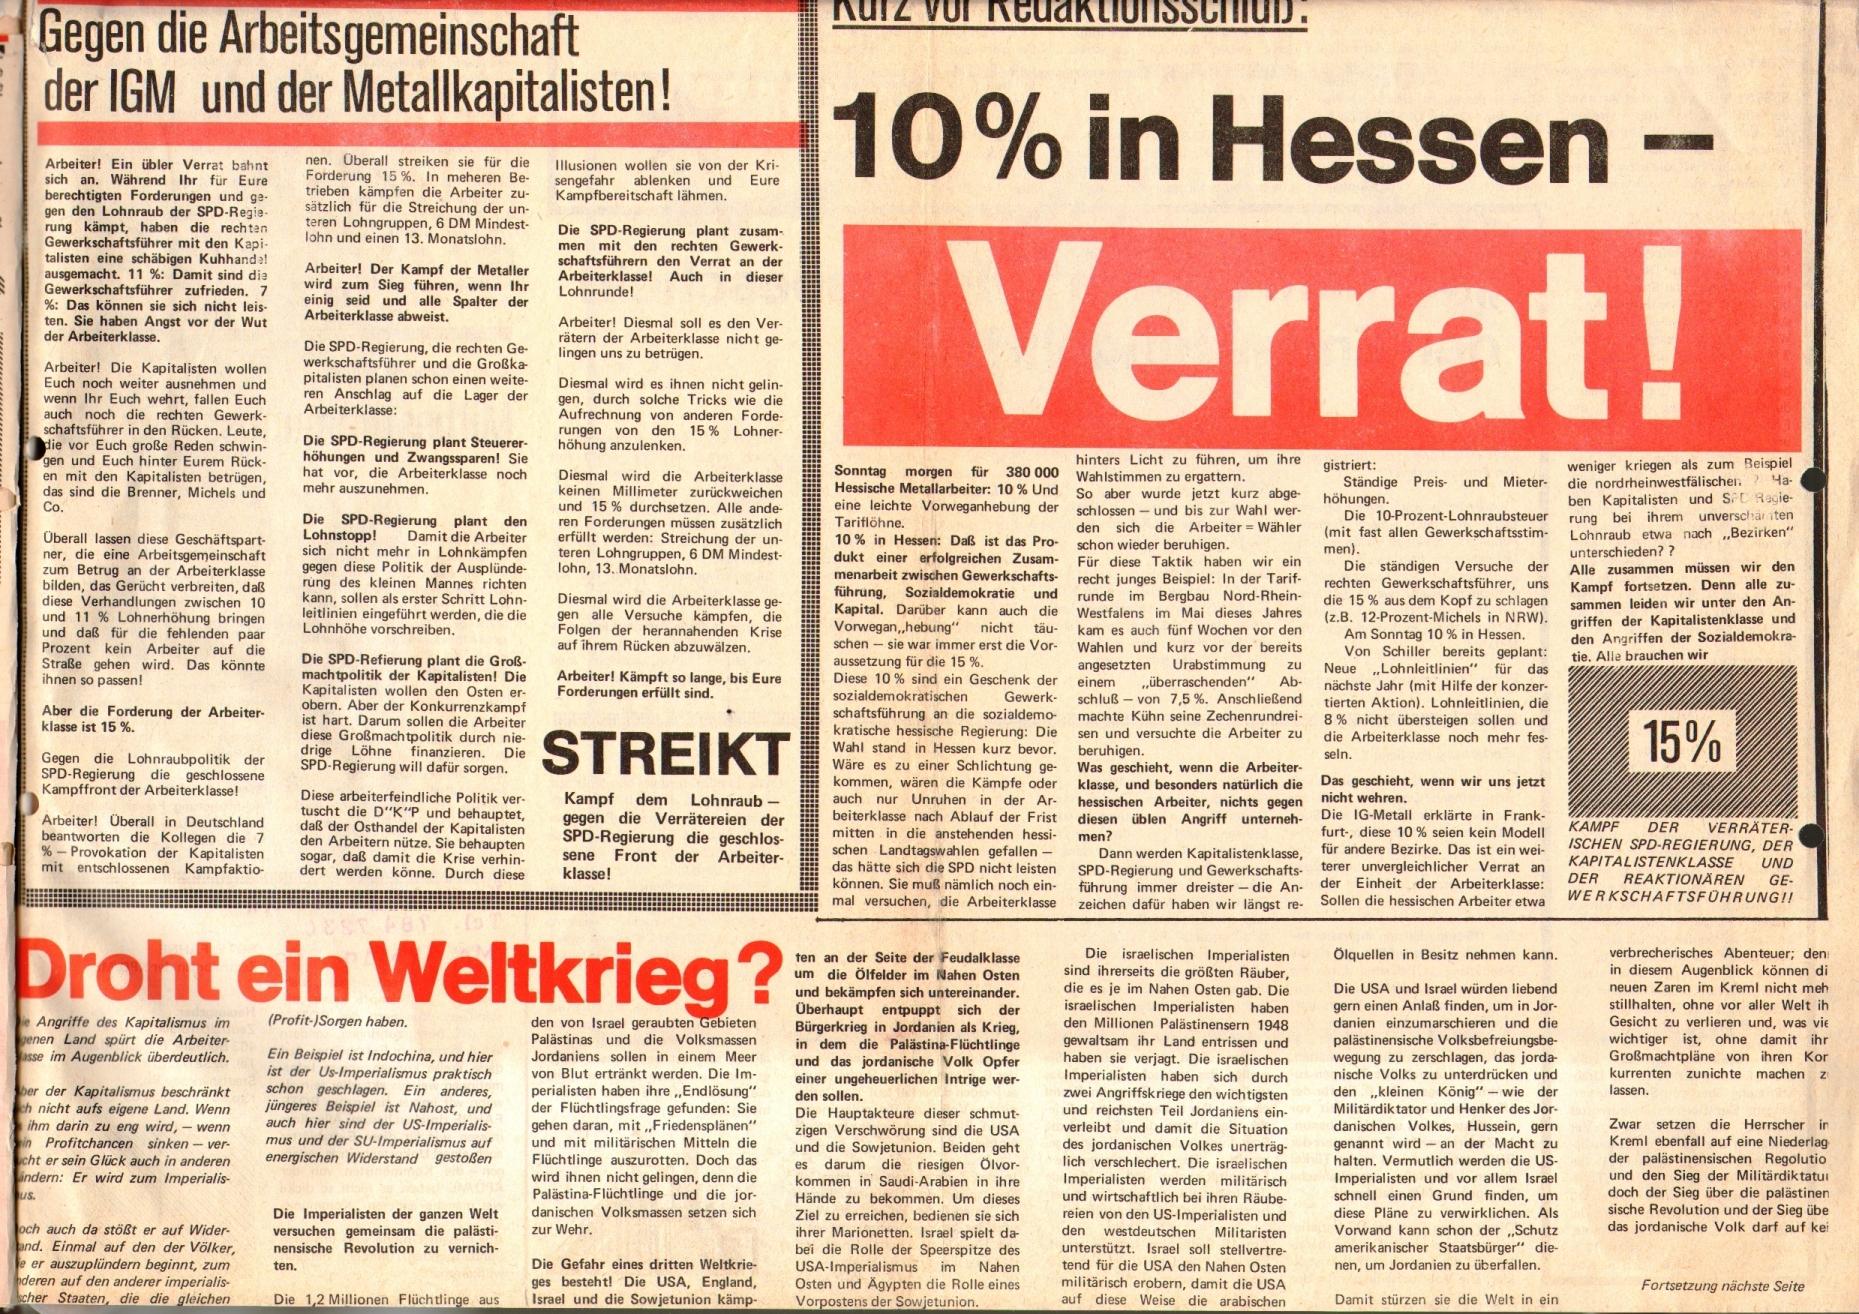 Rote Fahne, 1. Jg., 29. September 1970, Extrablatt, Seite 1 unten